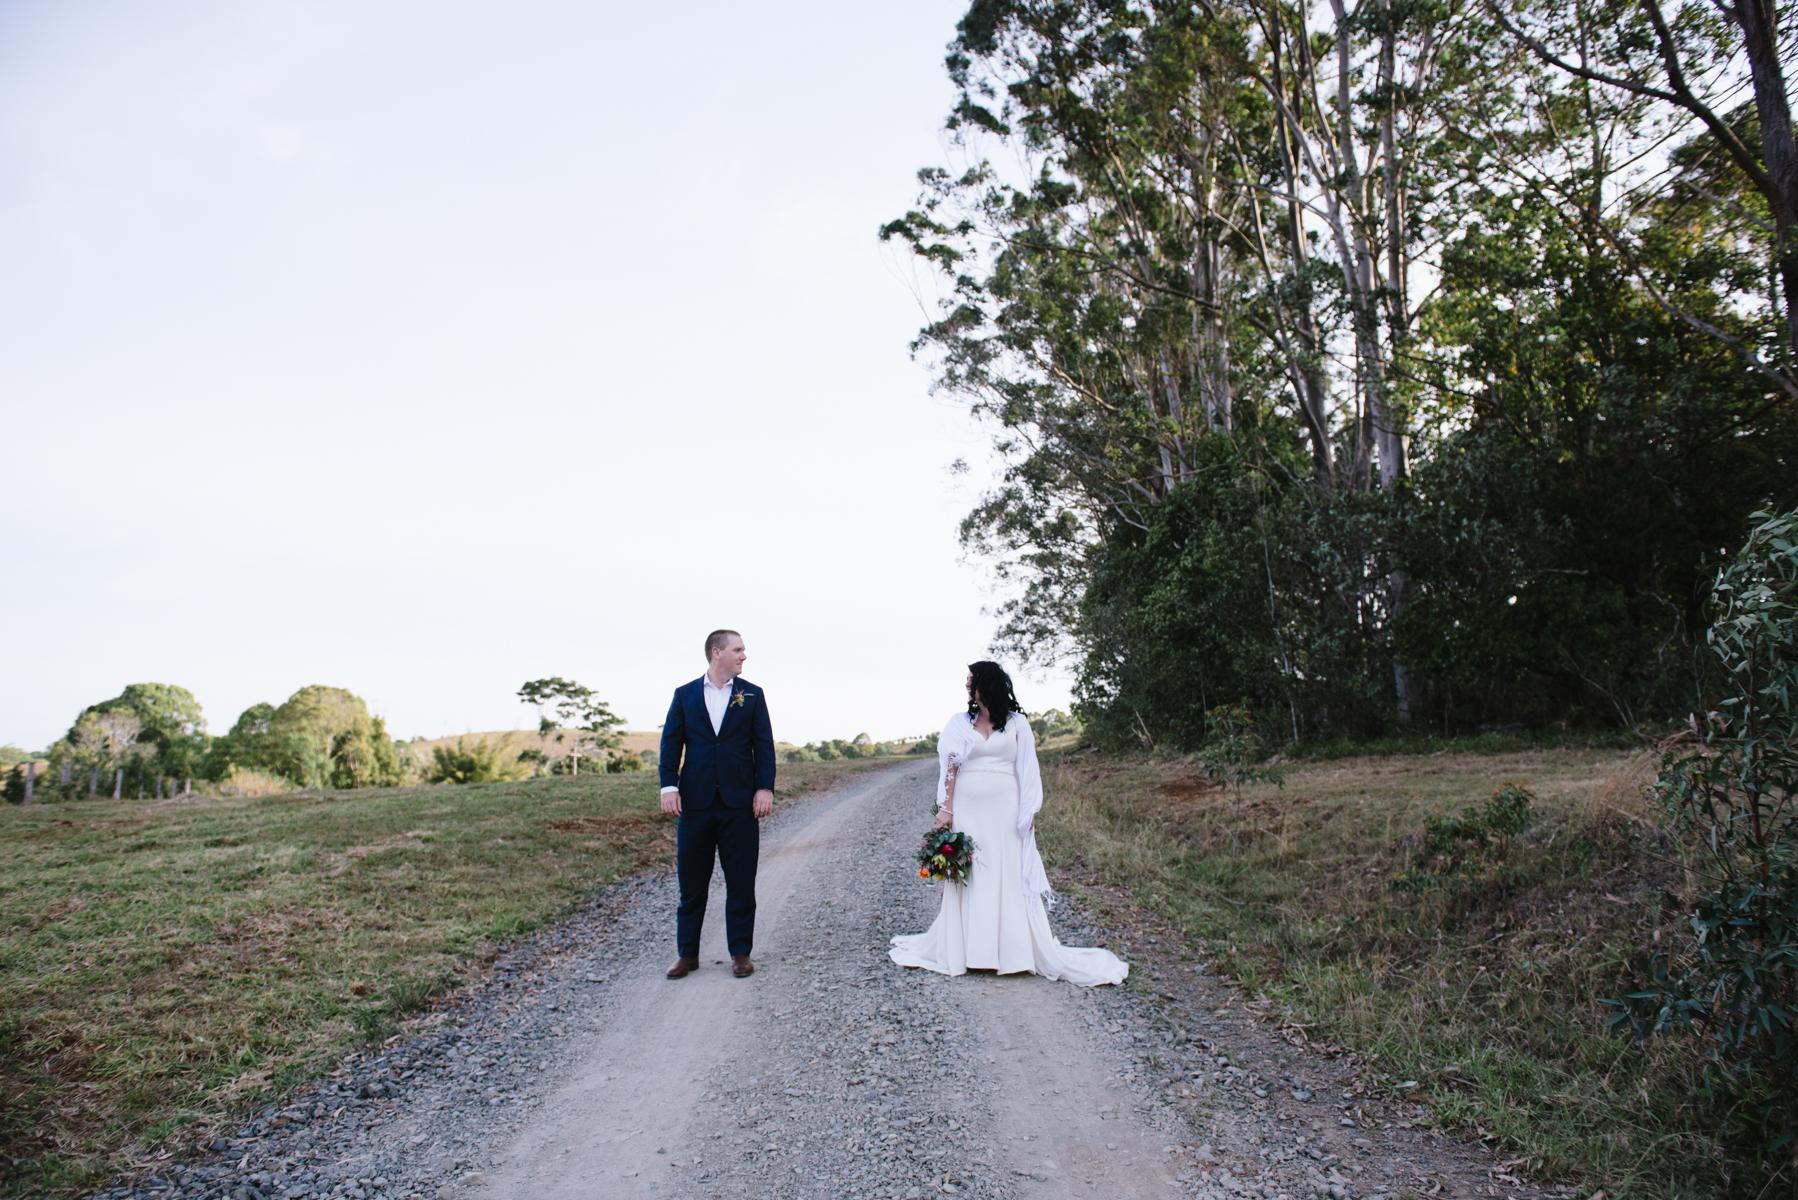 sarahandBenwedding- skyla sage photography weddings, families, byron bay,tweed coast,kingscliff,cabarita,gold coast-671.jpg